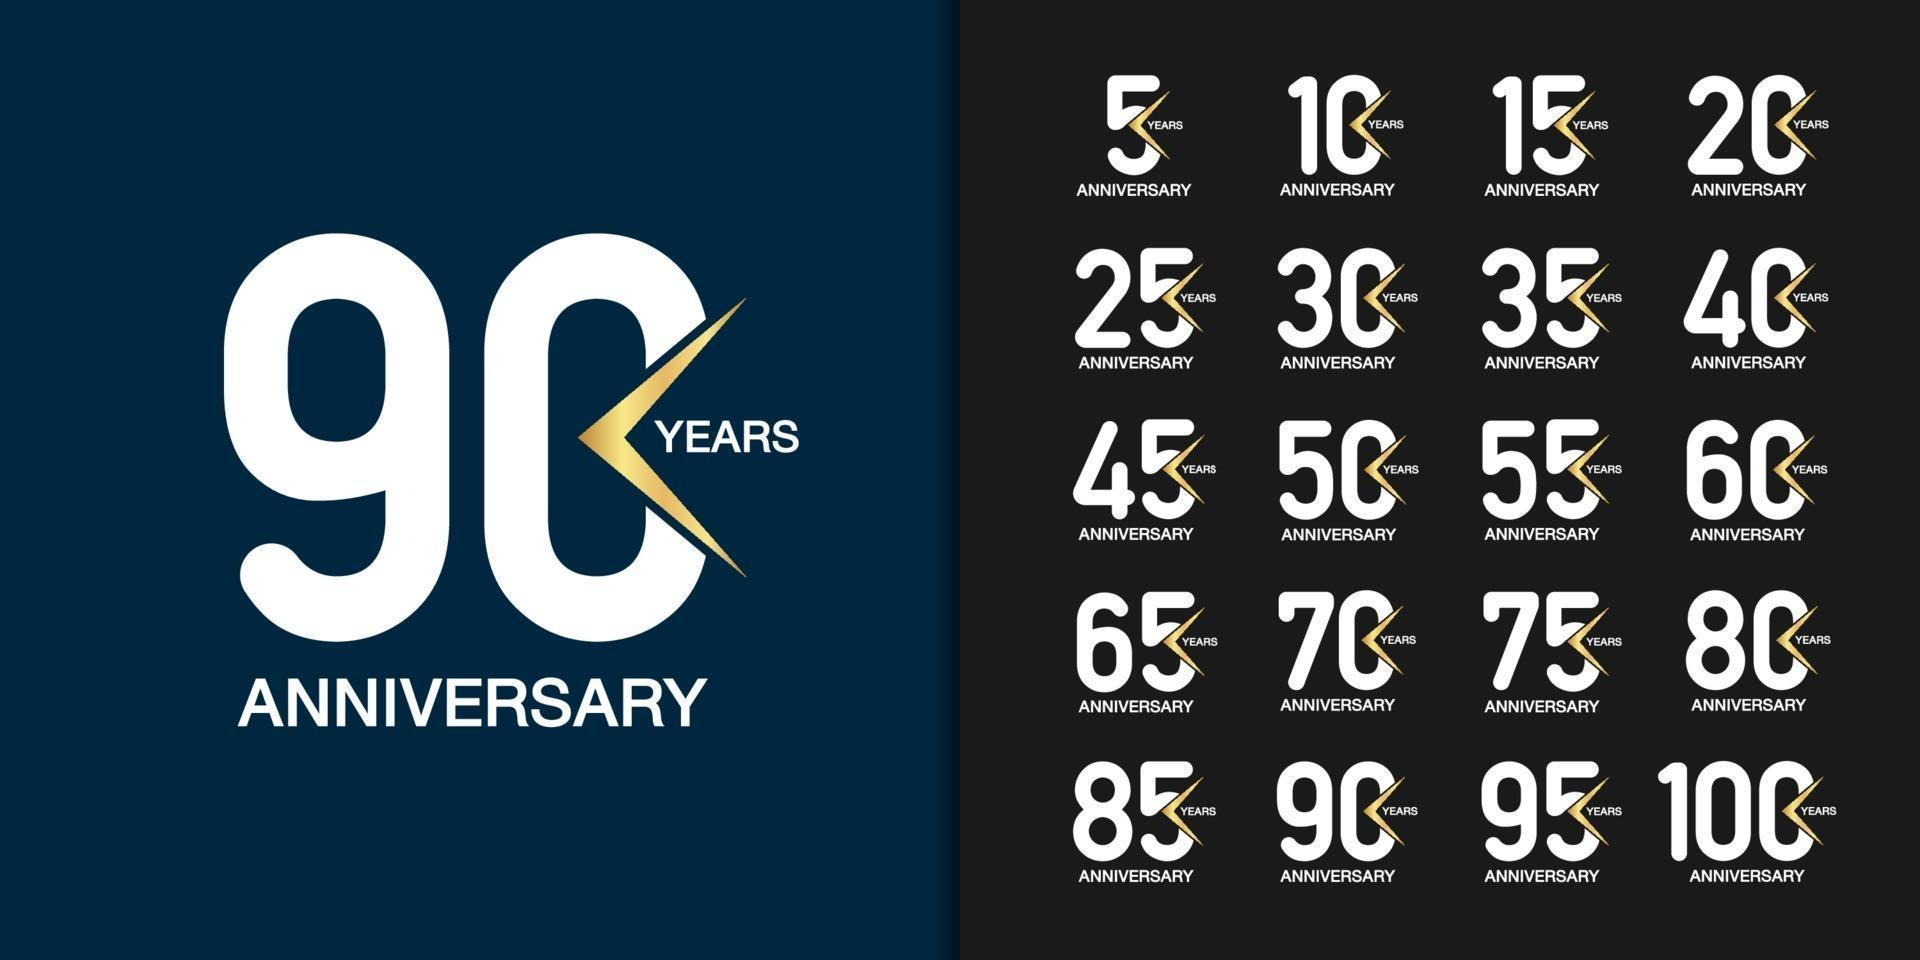 ensemble d'icônes de célébration anniversaire géométrique moderne vecteur